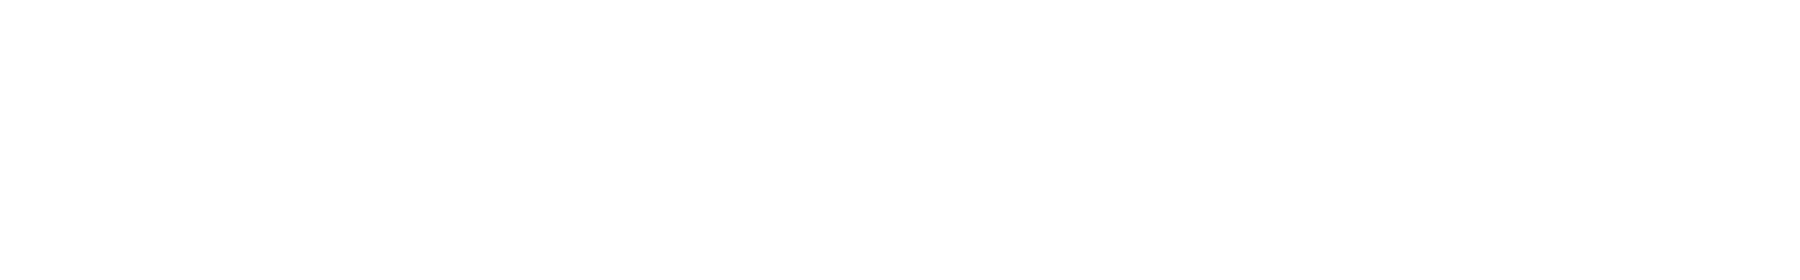 blbc cinedrumsa 75 01